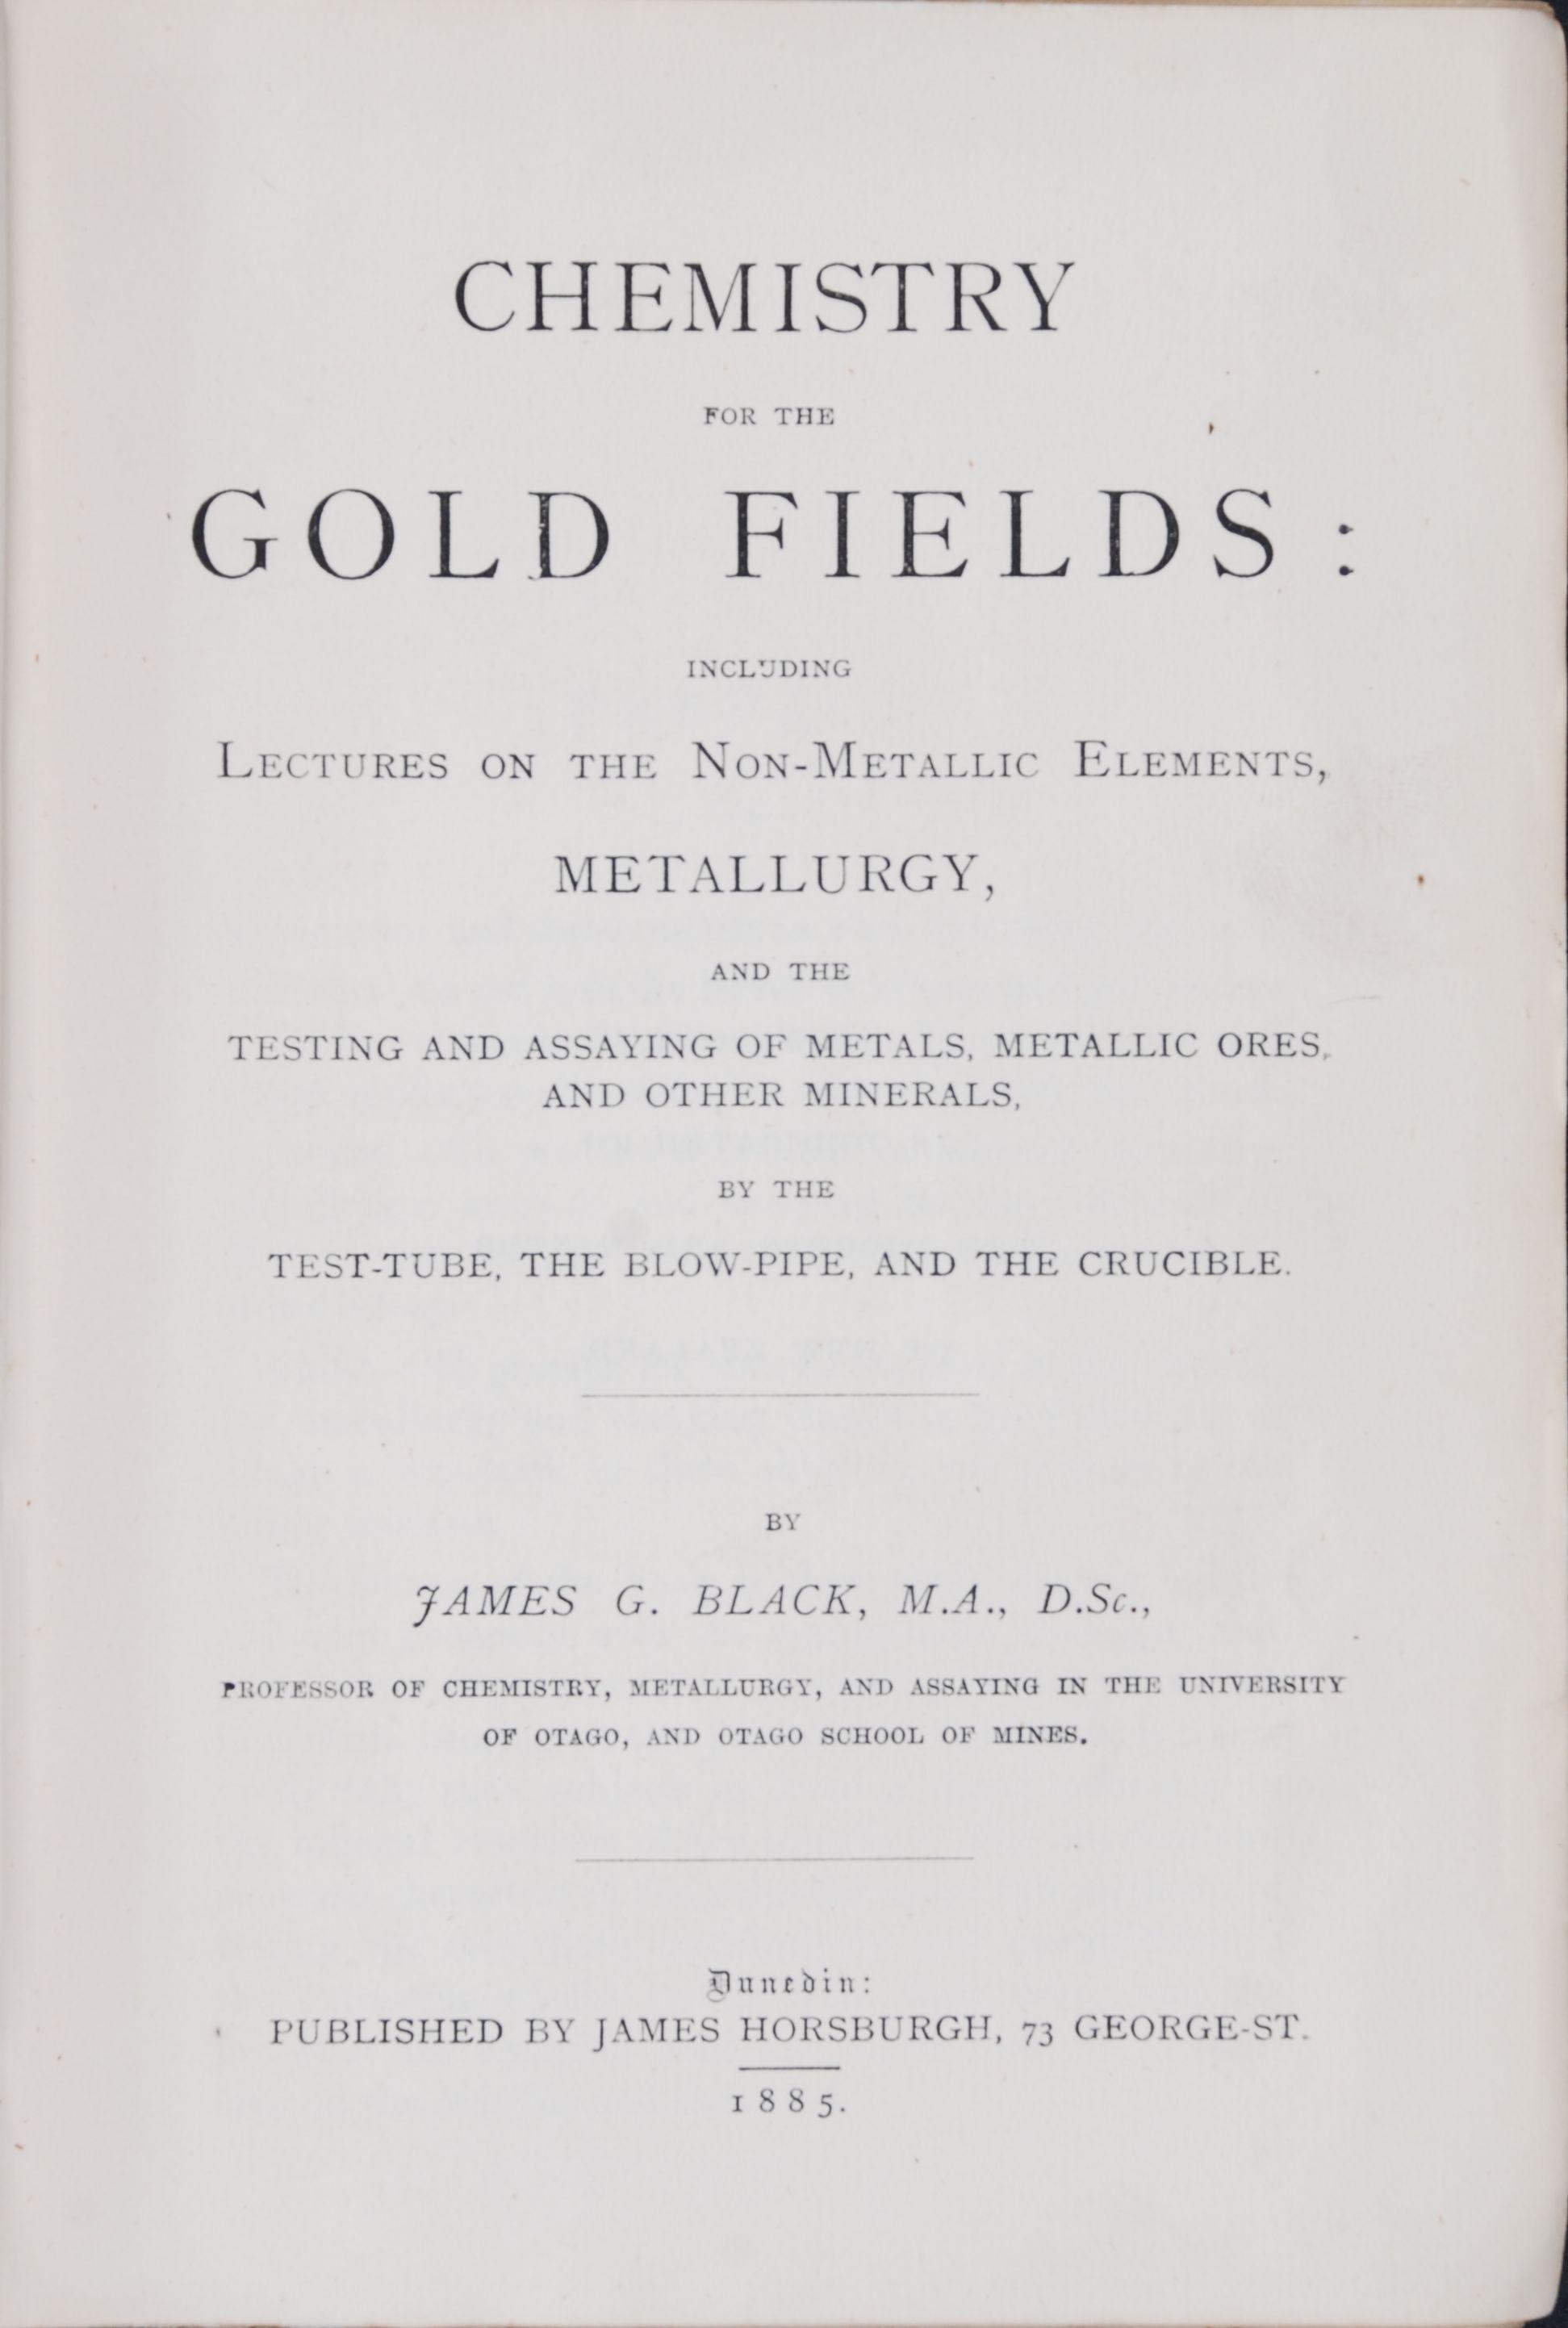 James Black. Chemistry for the Gold Fields.  Dunedin: J. Horsburgh, 1885.